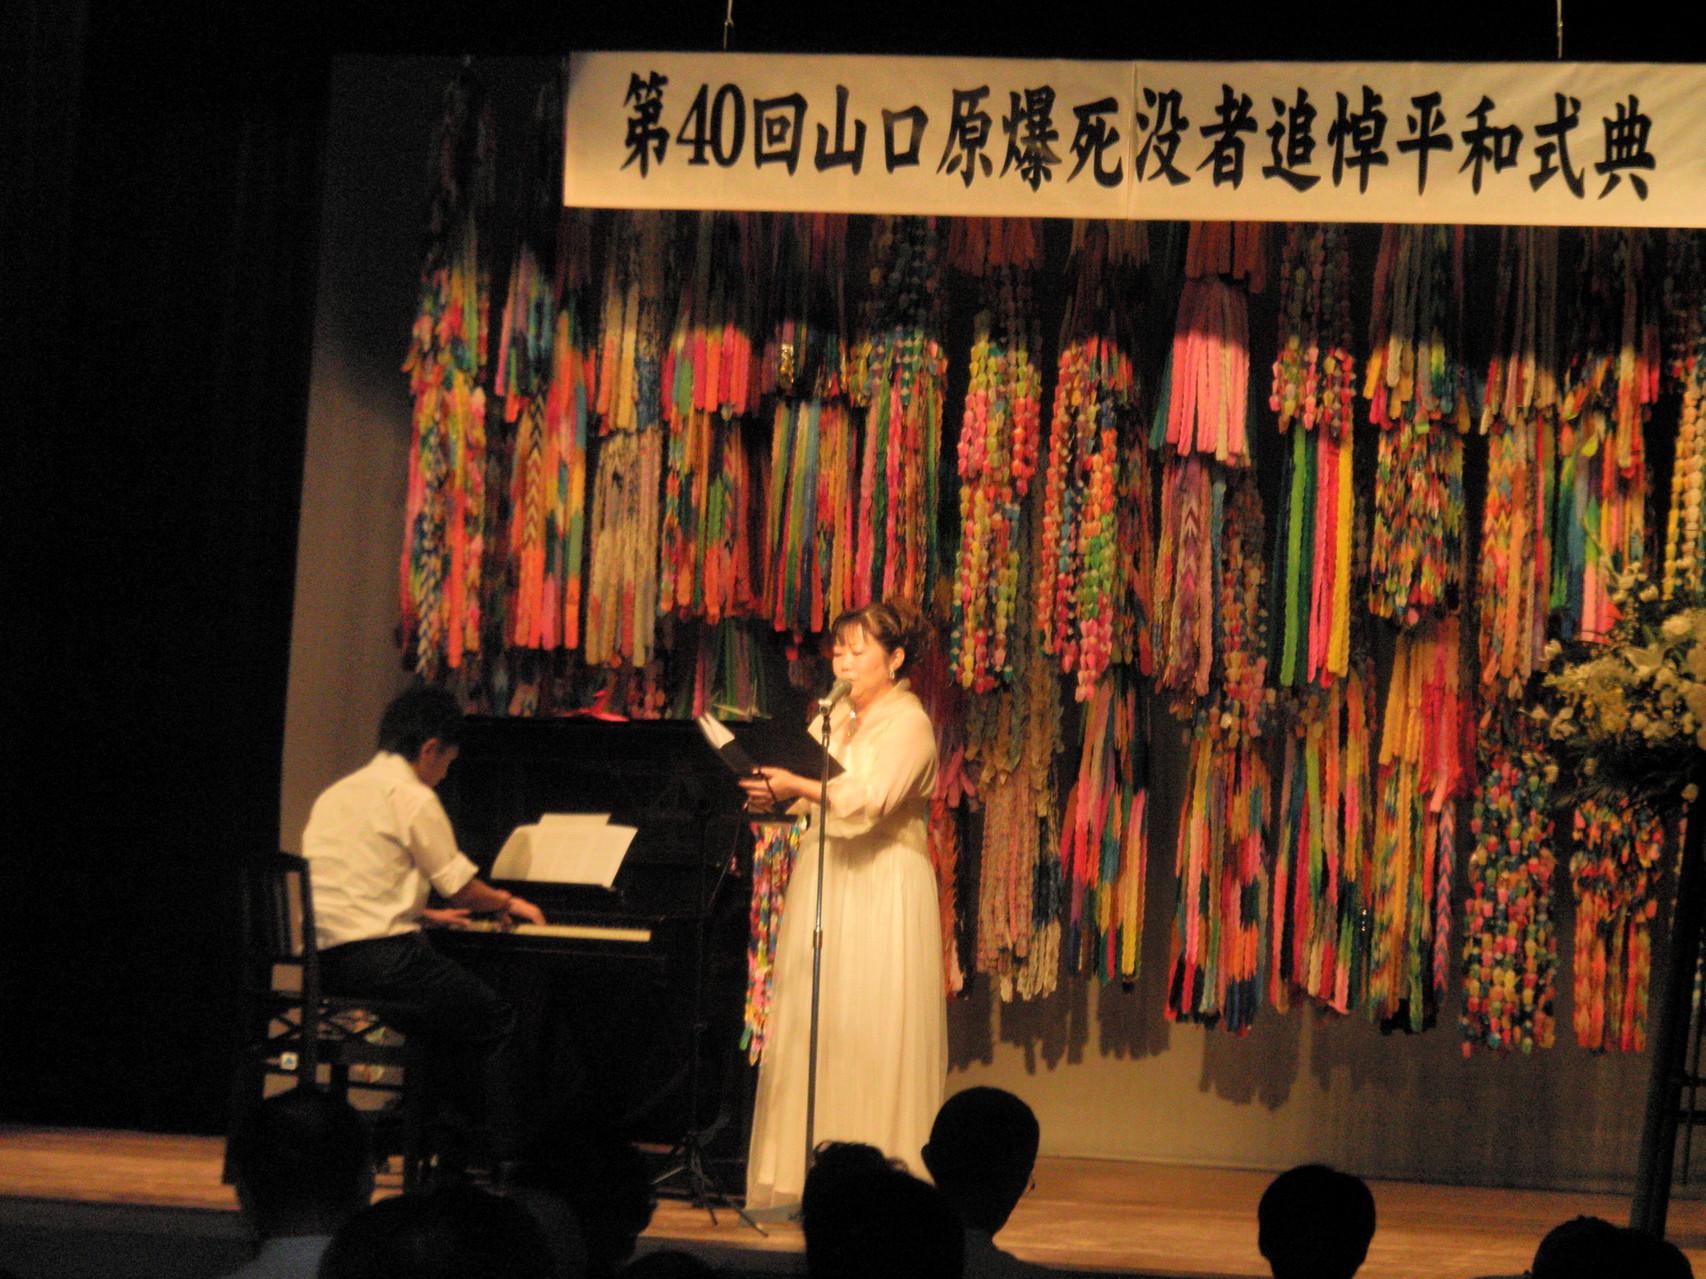 被爆ピアノ演奏 一般参加 菅谷 亮輔さん ソリスト 大島 久美子さんとコラボ